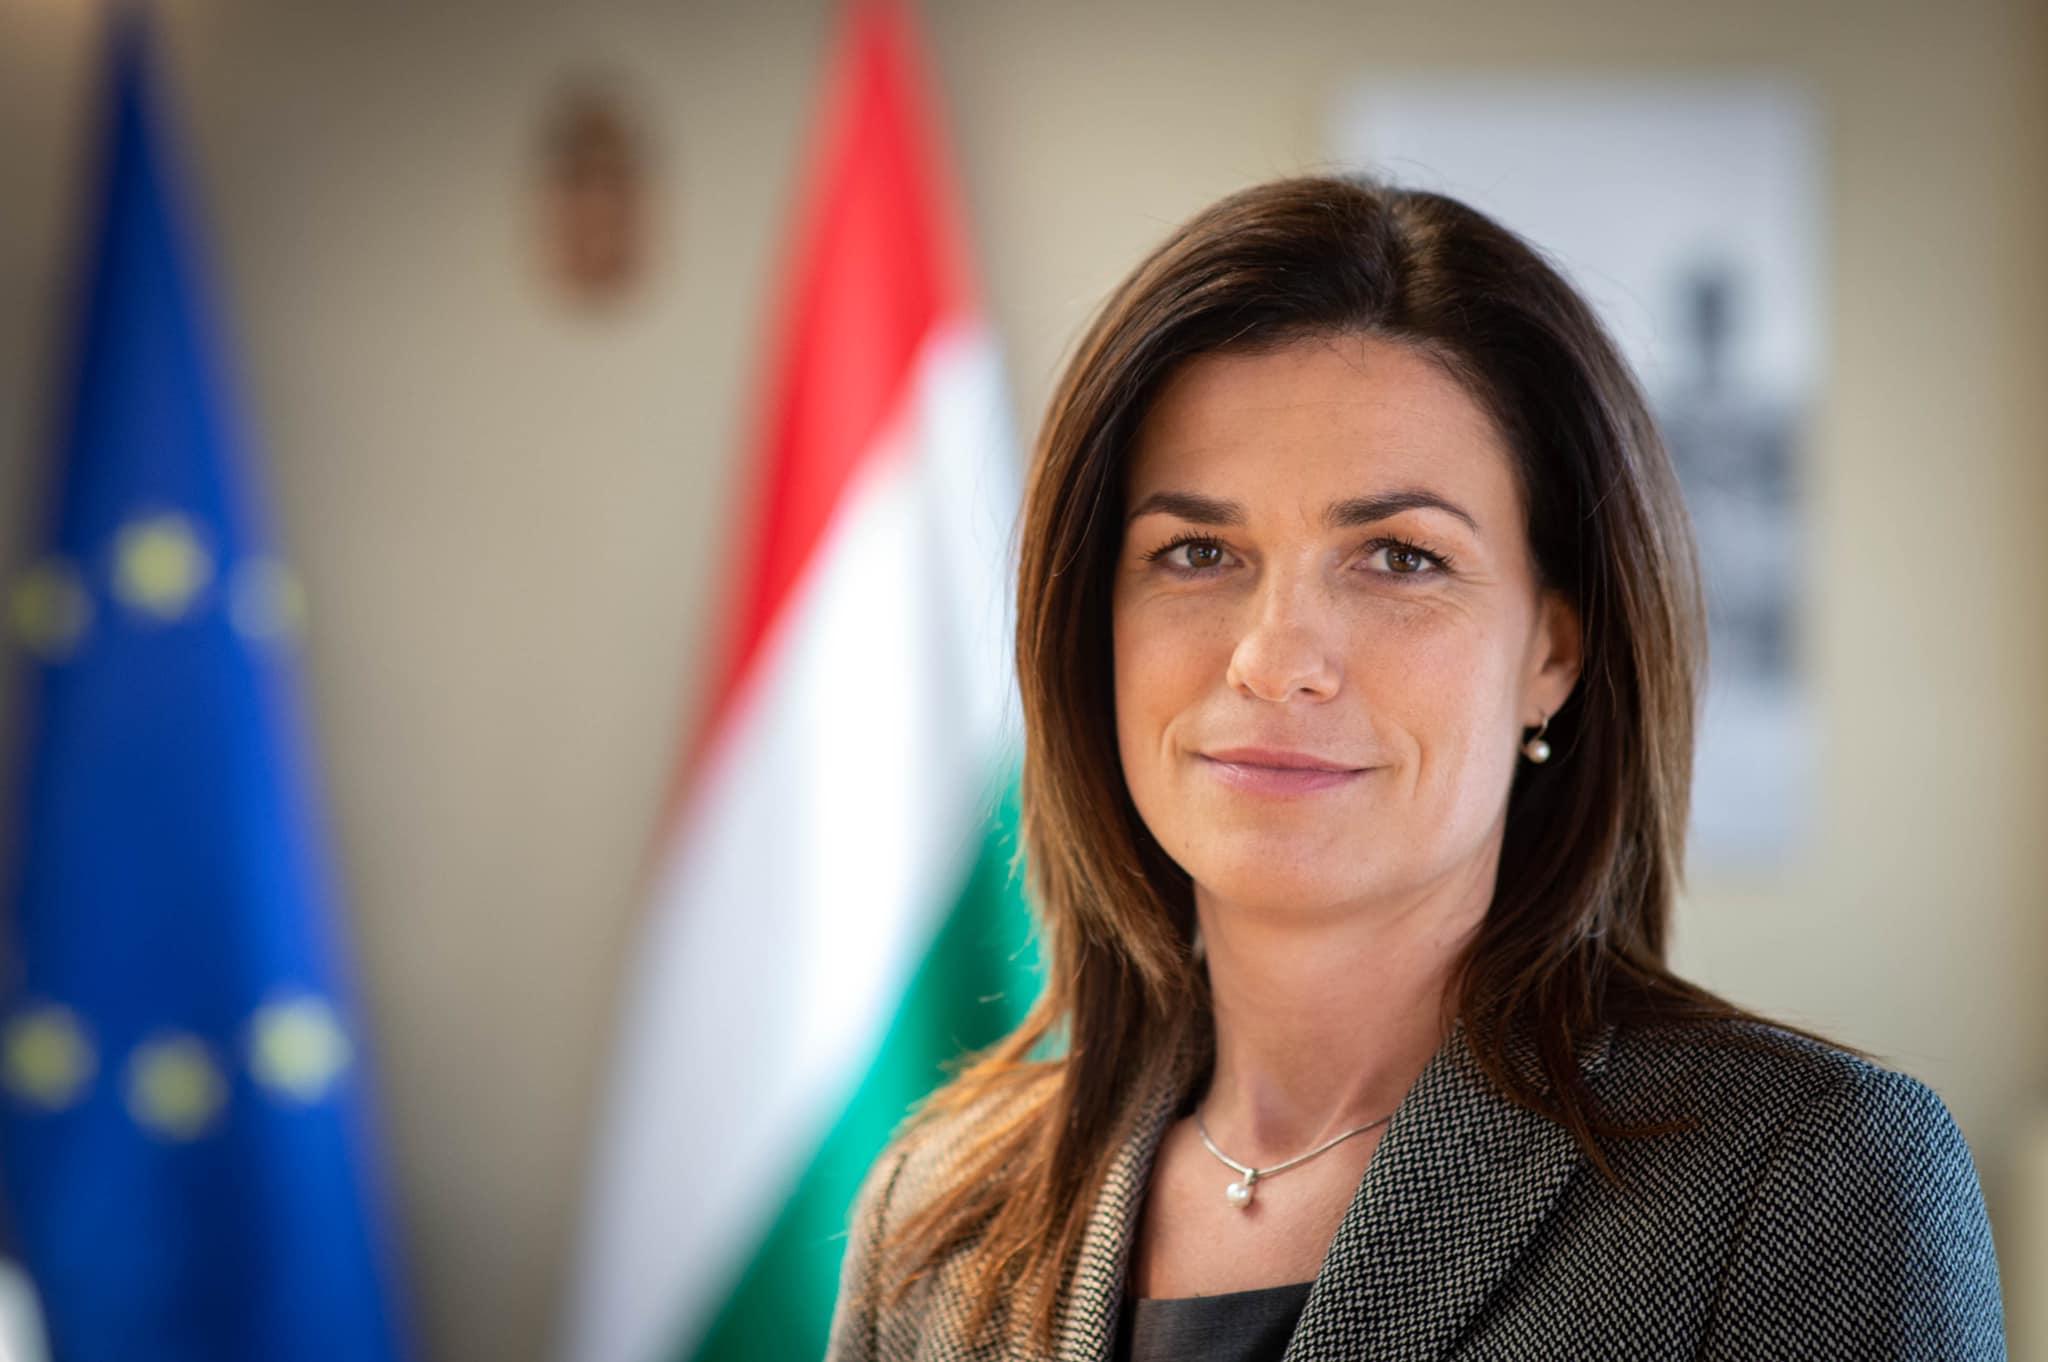 Varga Judit Justice Minister